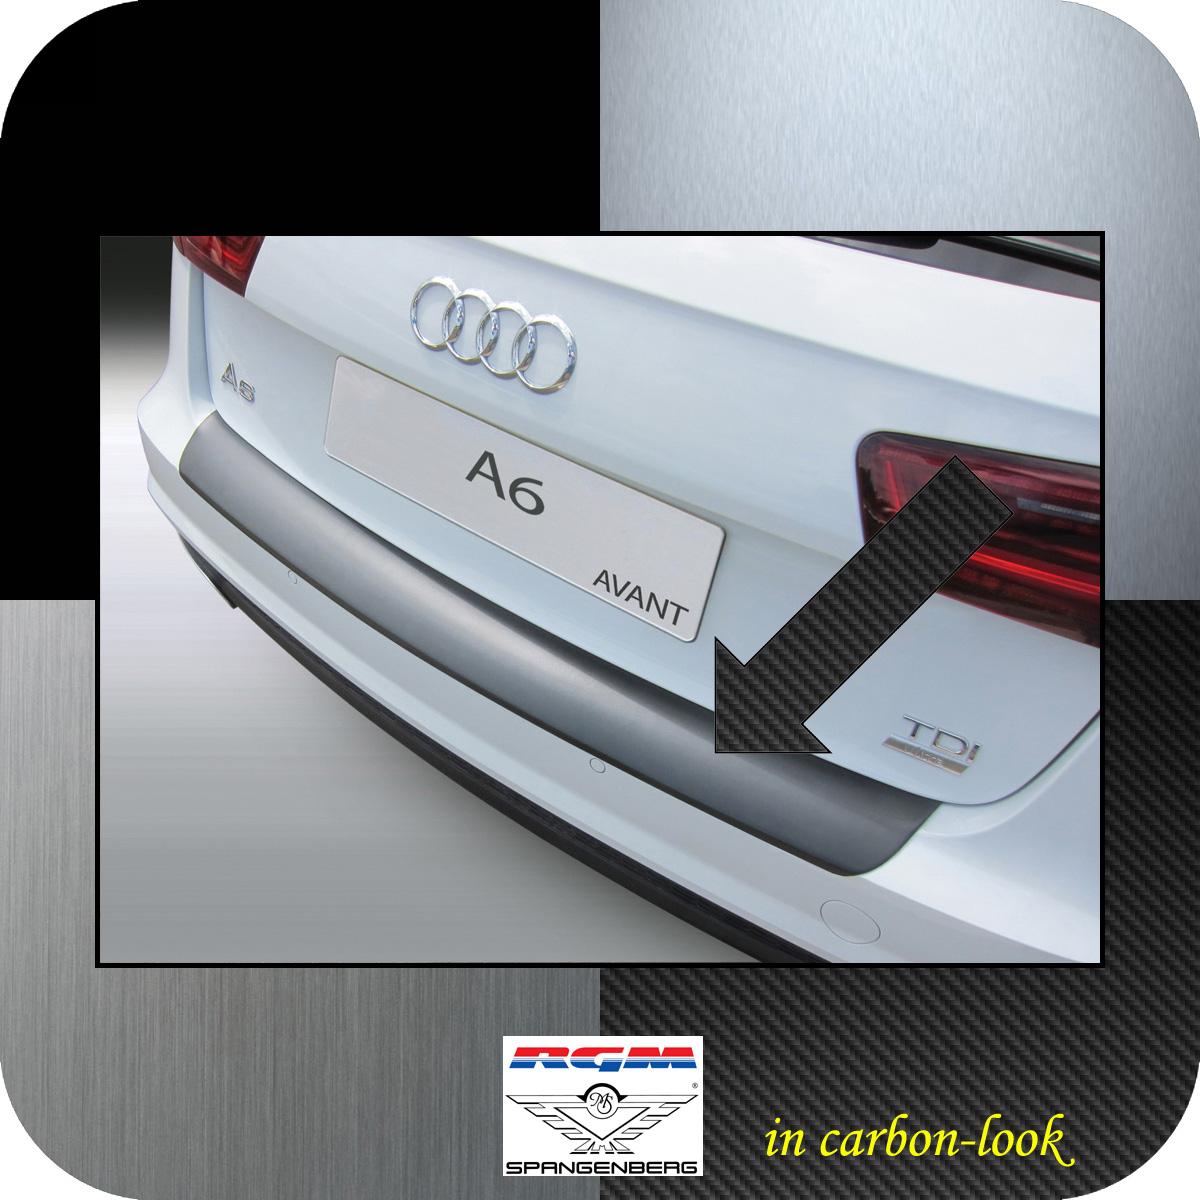 Ladekantenschutz Carbon-Look Audi A6 C7 Avant auch S-Line 2016-18 not RS 3509679